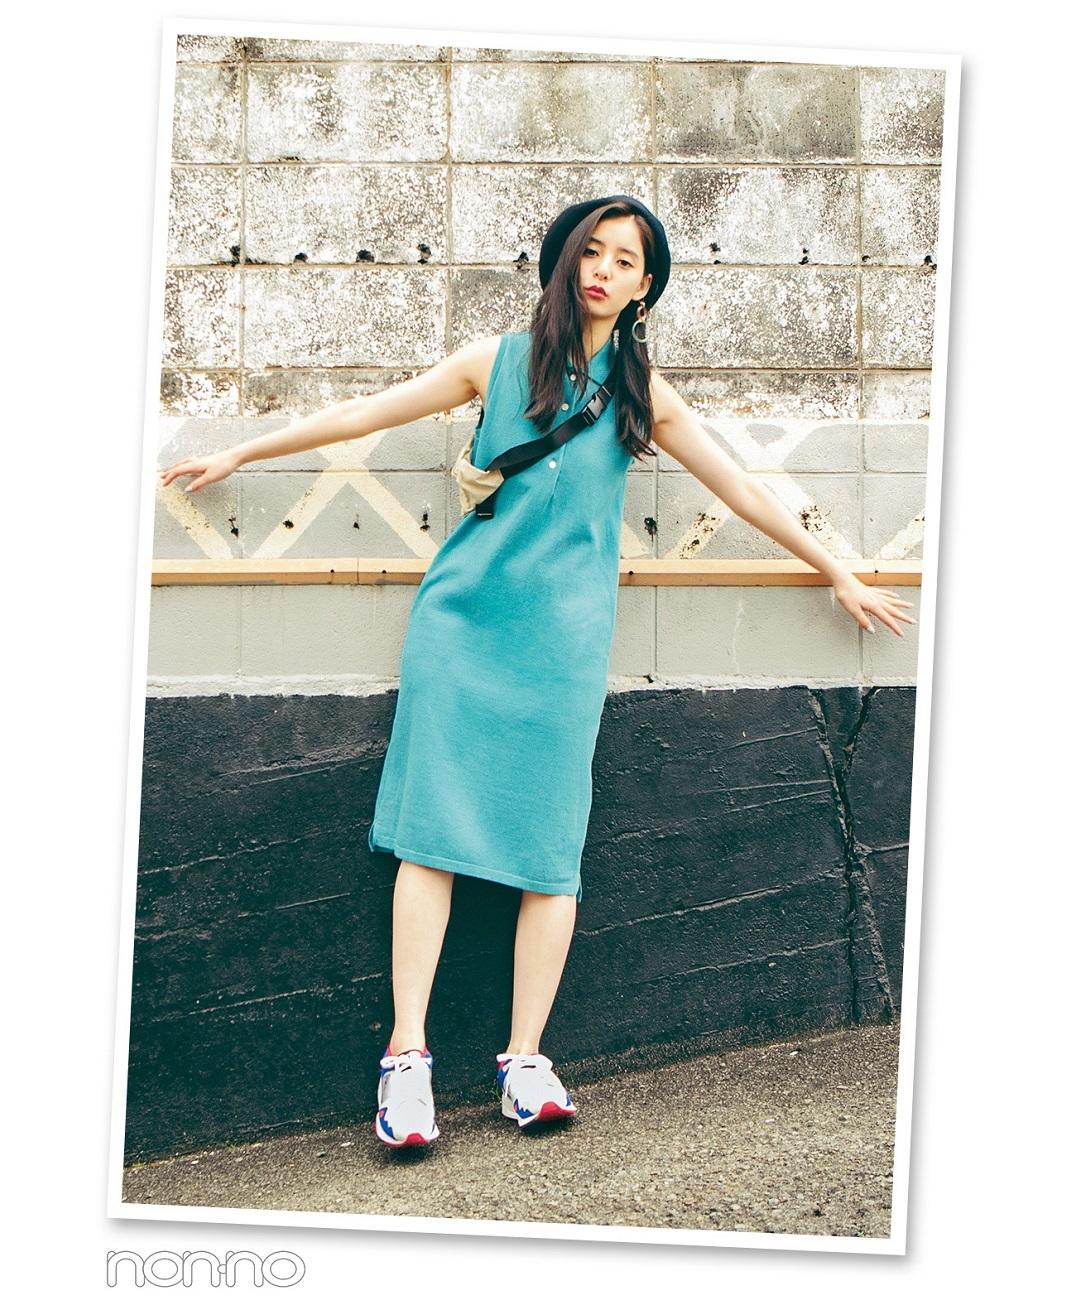 【夏のワンピースコーデ】新木優子の、一緒にいて楽しいって思わせるポロノースリワンピコーデ